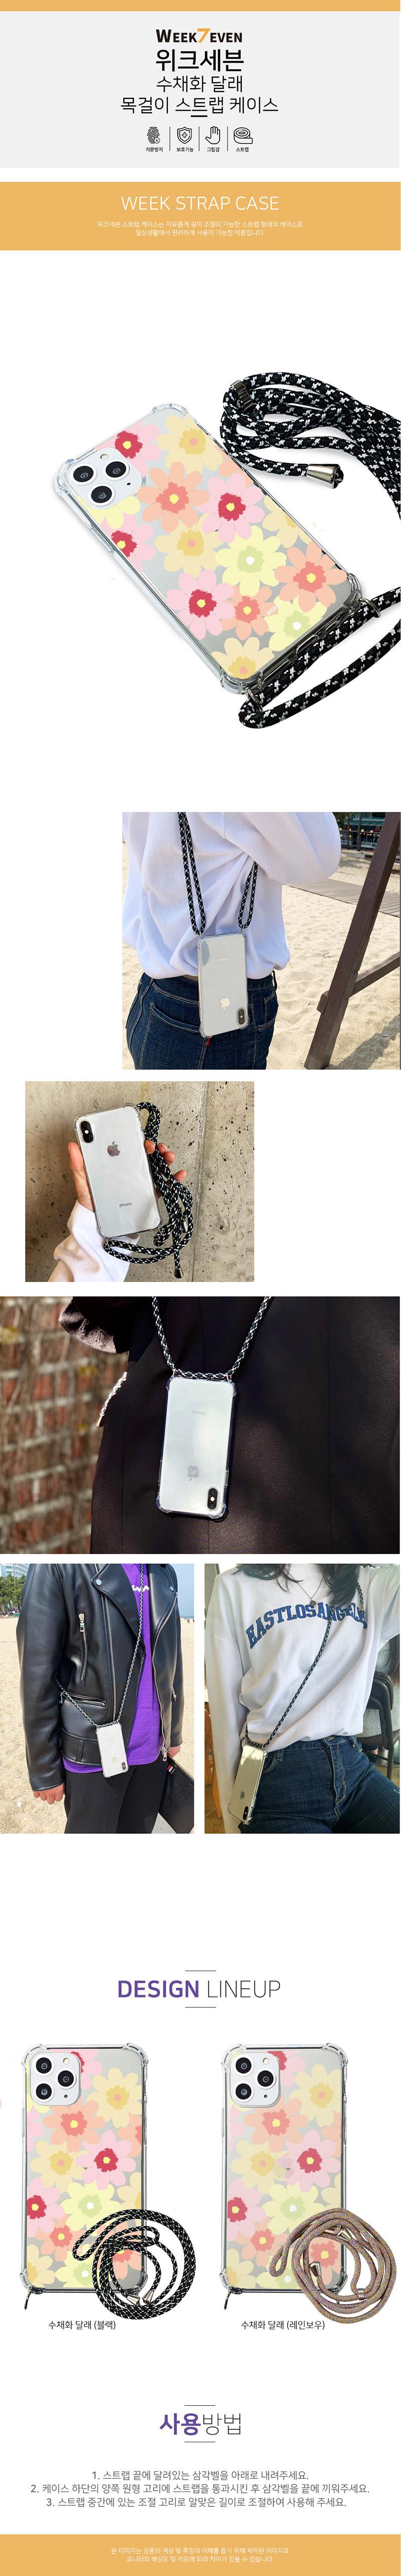 wk 수채화달래꽃 목걸이 스트랩 줄 스마트폰 케이스 - 원스컴퍼니, 15,900원, 케이스, 갤럭시 S10 5G